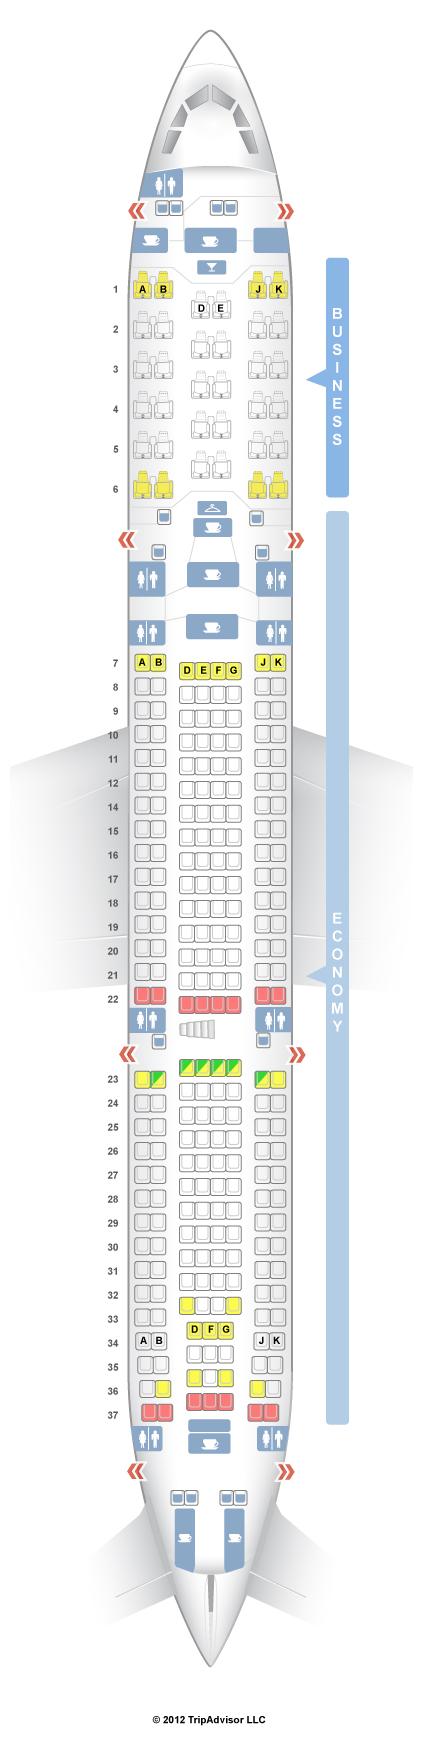 airbus 330 seat chart - Hunthankk